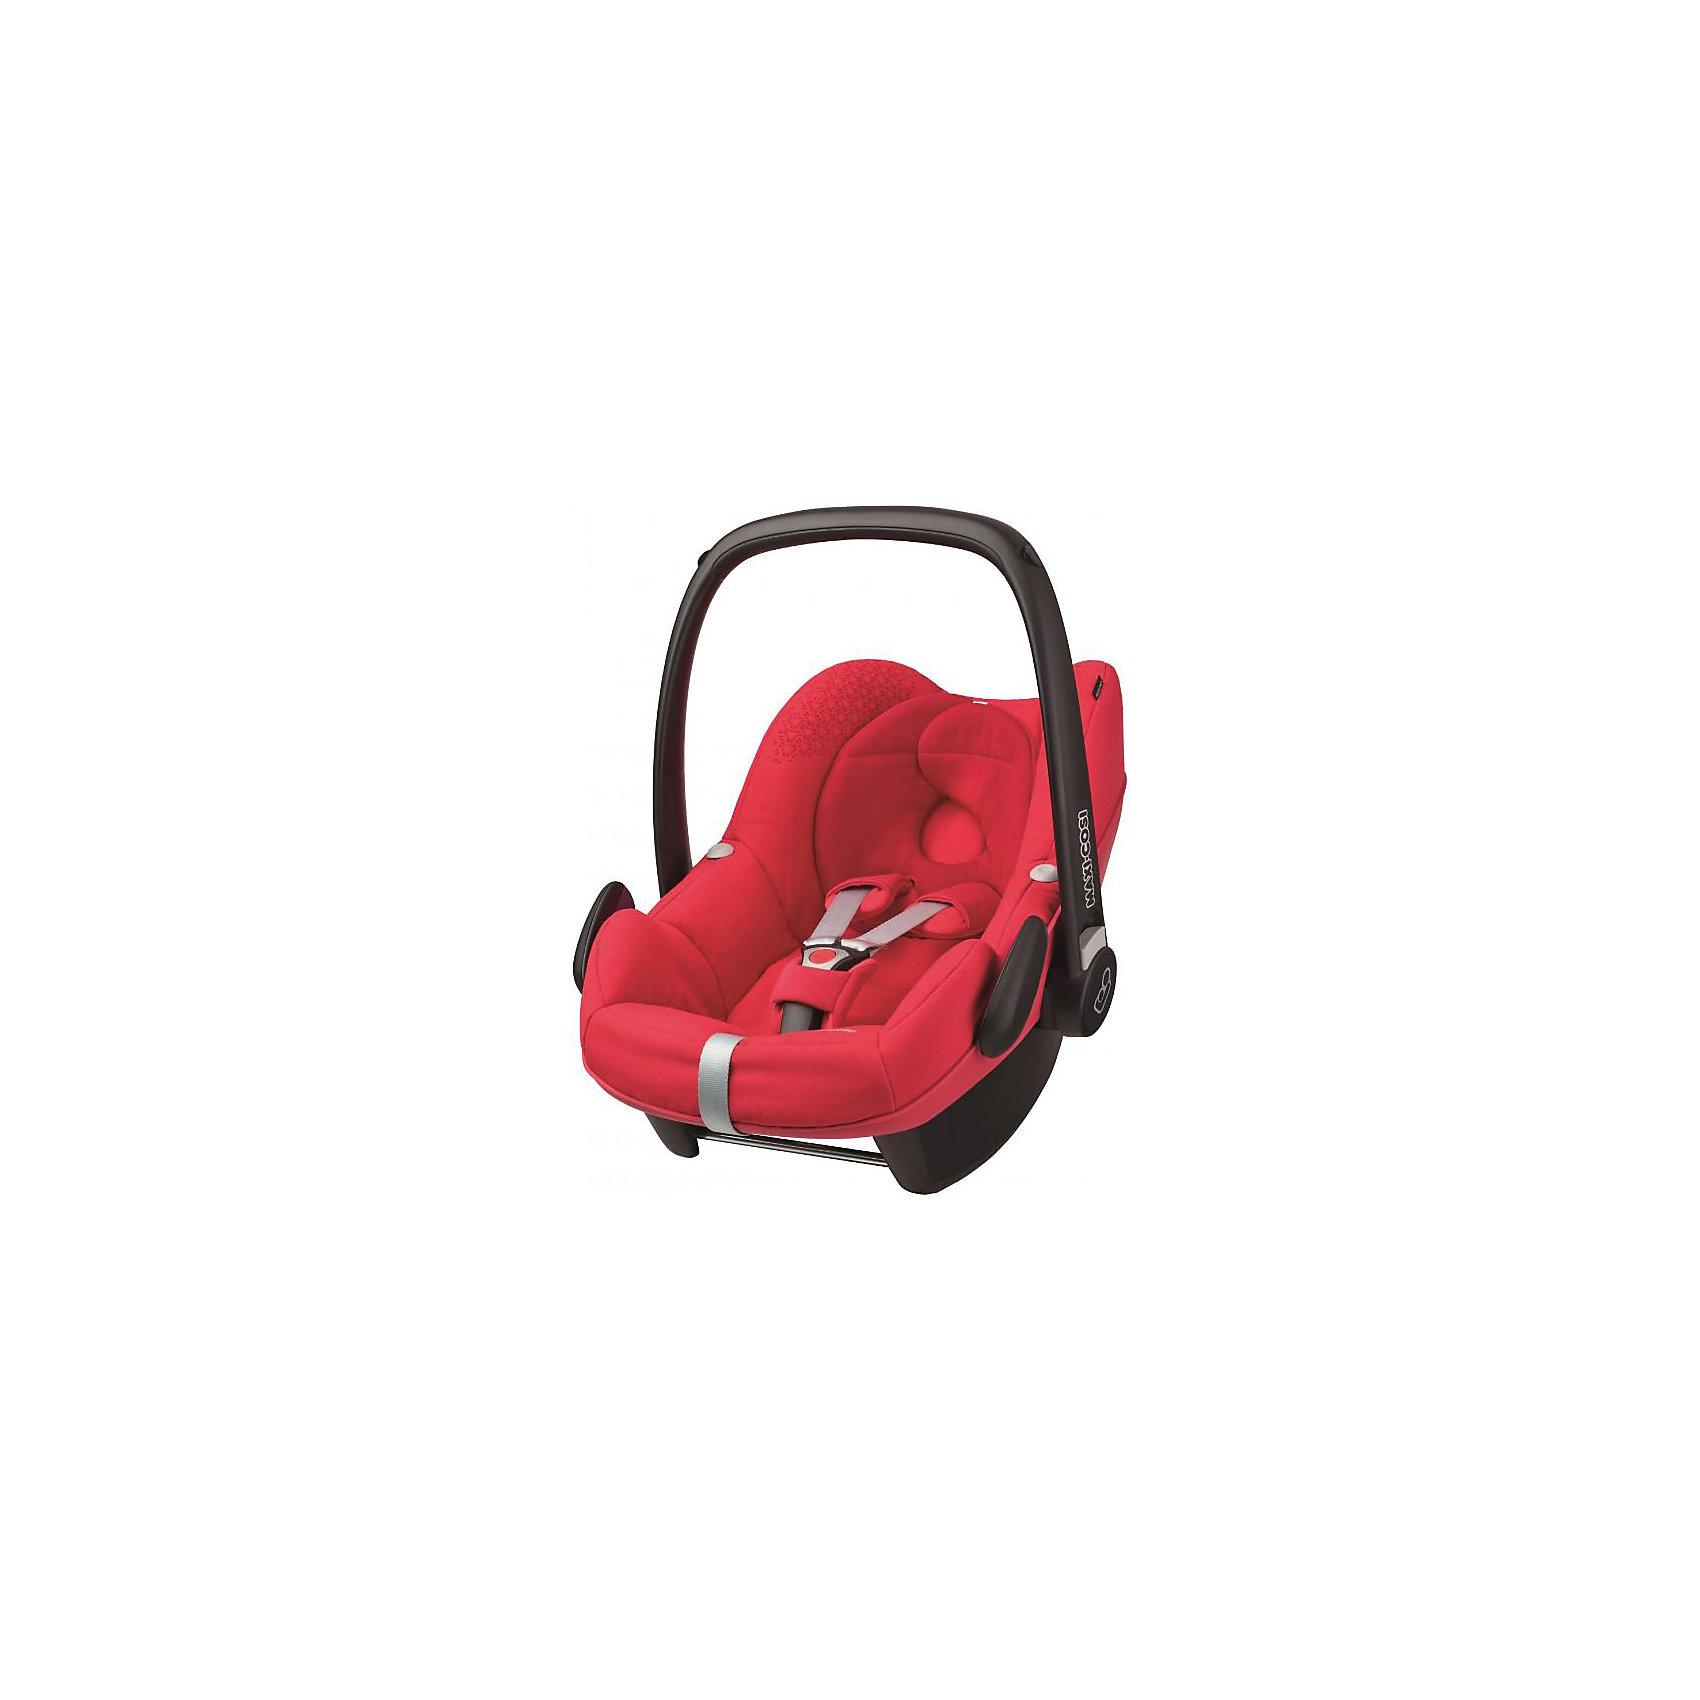 Автокресло Maxi-Cosi Pebble 0-13 кг, Origami RedГруппа 0+ (До 13 кг)<br>Надежное высокотехнологичное автокресло-переноска позволит перевозить ребенка, не беспокоясь при этом о его безопасности. Оно предназначено для предназначено для детей весом  до 13 килограмм. Такое кресло обеспечит малышу не только безопасность, но и удобство (регулируемая длина внутренних ремней и анатомическая подушка). Ребенок надежно фиксируется в кресле и ездит с комфортом.<br>Автокресло устанавливают против движения. Такое кресло дает возможность свободно путешествовать, ездить в гости и при этом  быть рядом с малышом. Конструкция - очень удобная и прочная. Изделие произведено из качественных и безопасных для малышей материалов, оно соответствуют всем современным требованиям безопасности. Оно отлично показало себя на краш-тестах.<br> <br>Дополнительная информация:<br><br>цвет: красный;<br>материал: текстиль, пластик;<br>вес ребенка:  от 0 до 13 кг;<br>вес кресла: 4 кг;<br>использование в качестве качалки;<br>анатомическая подушка;<br>внутренние ремни - трехточечные, с мягкими накладками;<br>регулировка высоты внутренних ремней;<br>дополнительная защита от боковых ударов;<br>регулировка глубины кресла в соответствии с весом ребенка;<br>ручка для переноски;<br>тент от солнца.<br><br>Автокресло Pebble 0-13 кг.,  Origami Red от компании Maxi-Cosi можно купить в нашем магазине.<br><br>Ширина мм: 445<br>Глубина мм: 375<br>Высота мм: 725<br>Вес г: 4000<br>Возраст от месяцев: 0<br>Возраст до месяцев: 12<br>Пол: Унисекс<br>Возраст: Детский<br>SKU: 4709559